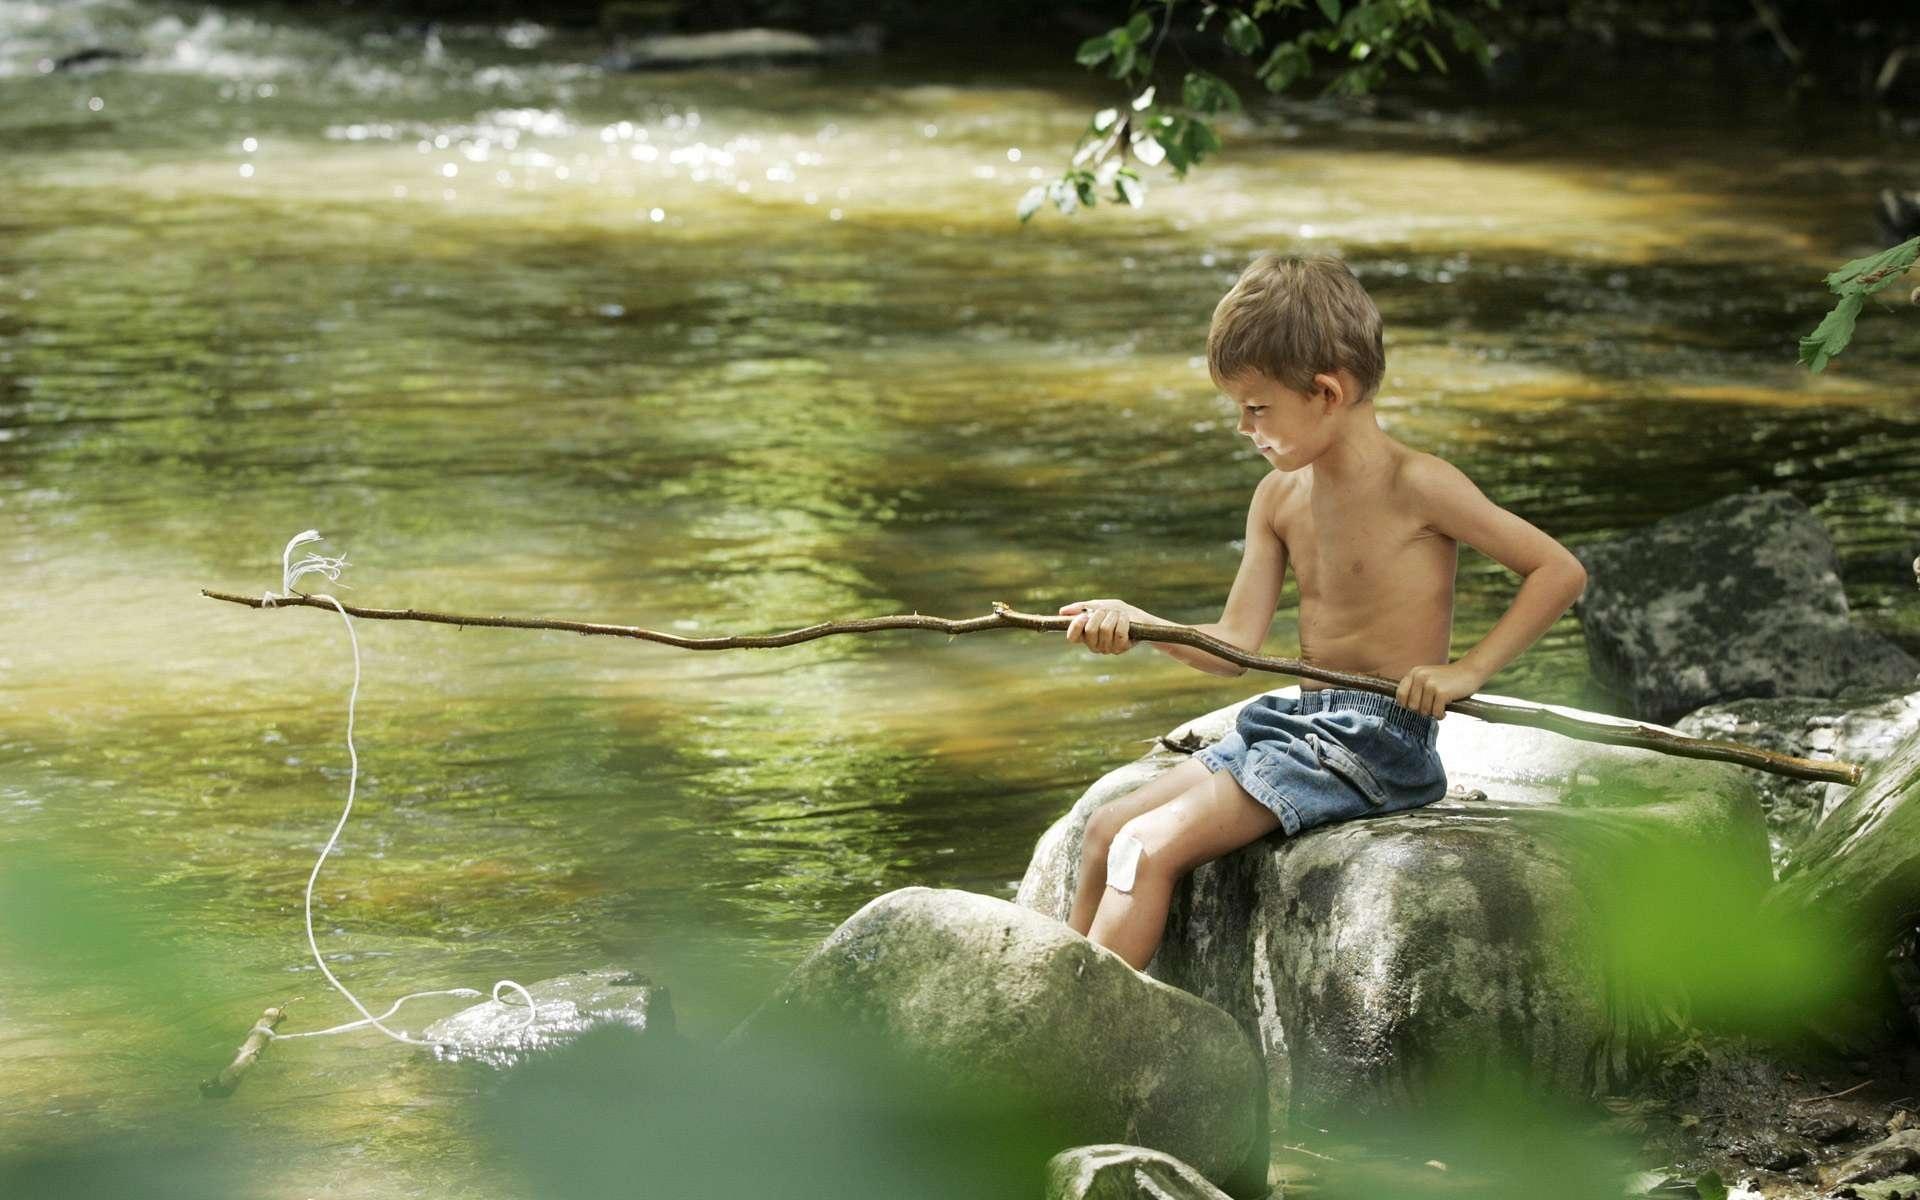 В день рыбака нужно отправляться на рыбалку